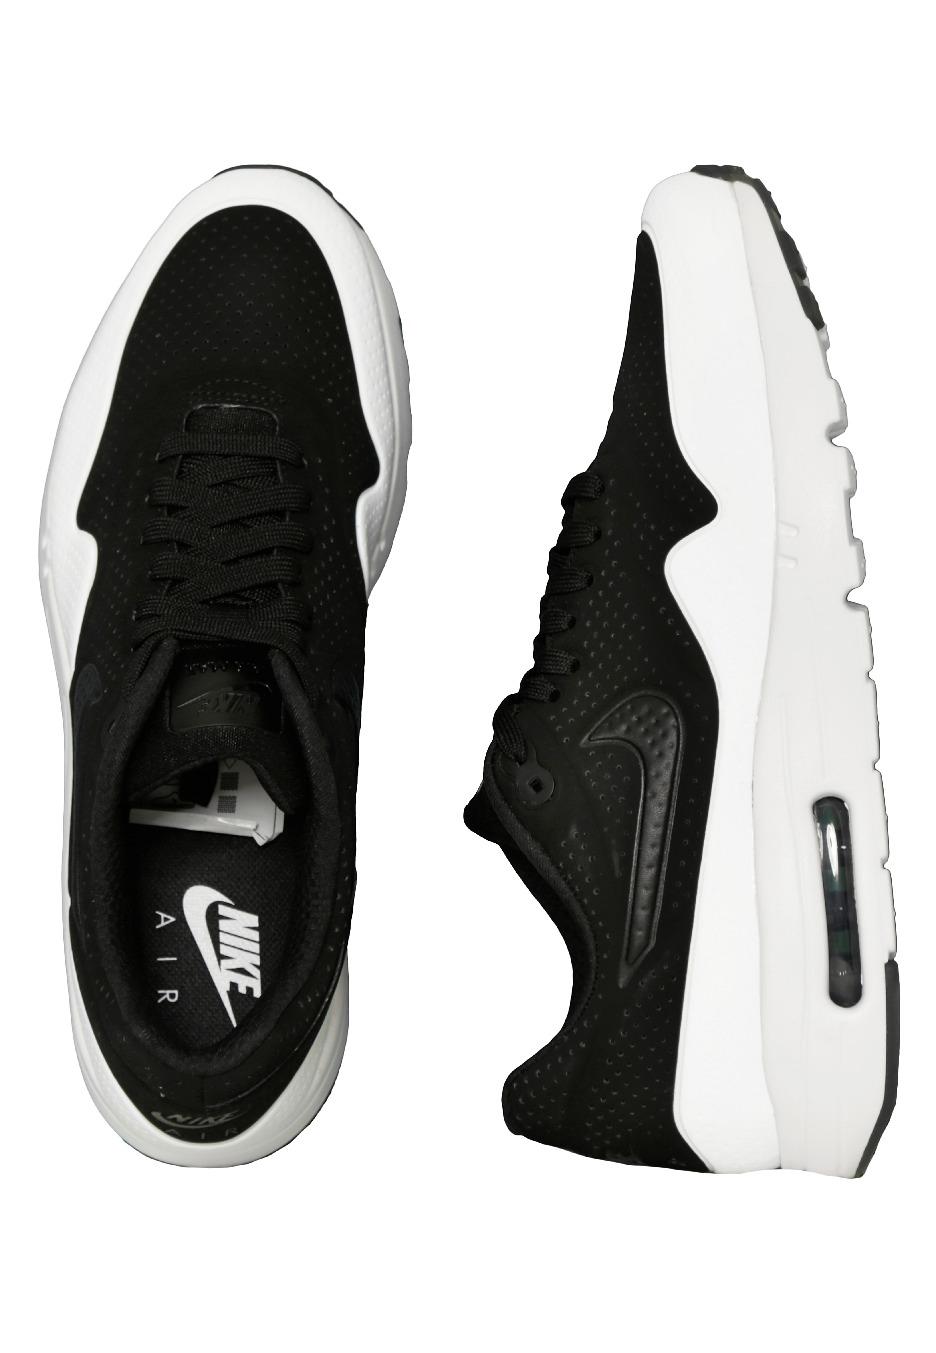 Nike Air Max 1 Chaussures Ultra Moire Black/Black/White Chaussures 1 ae2e99